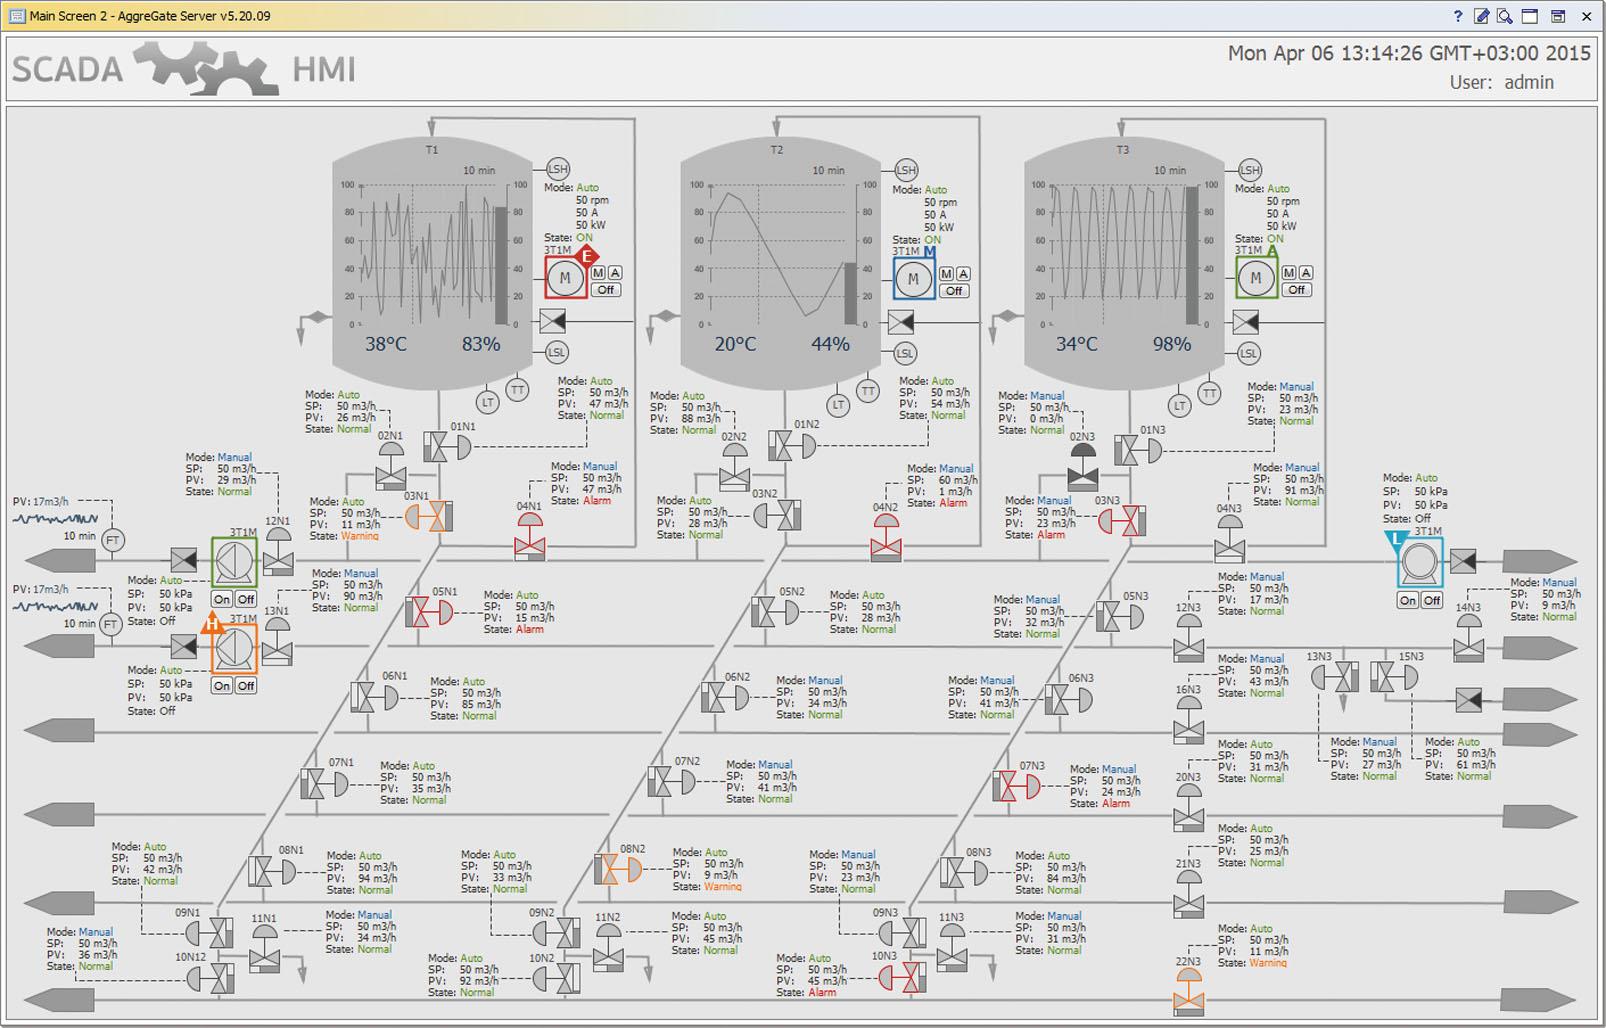 Рис. 1. Интерфейс системы AggreGateSCADA/HMI